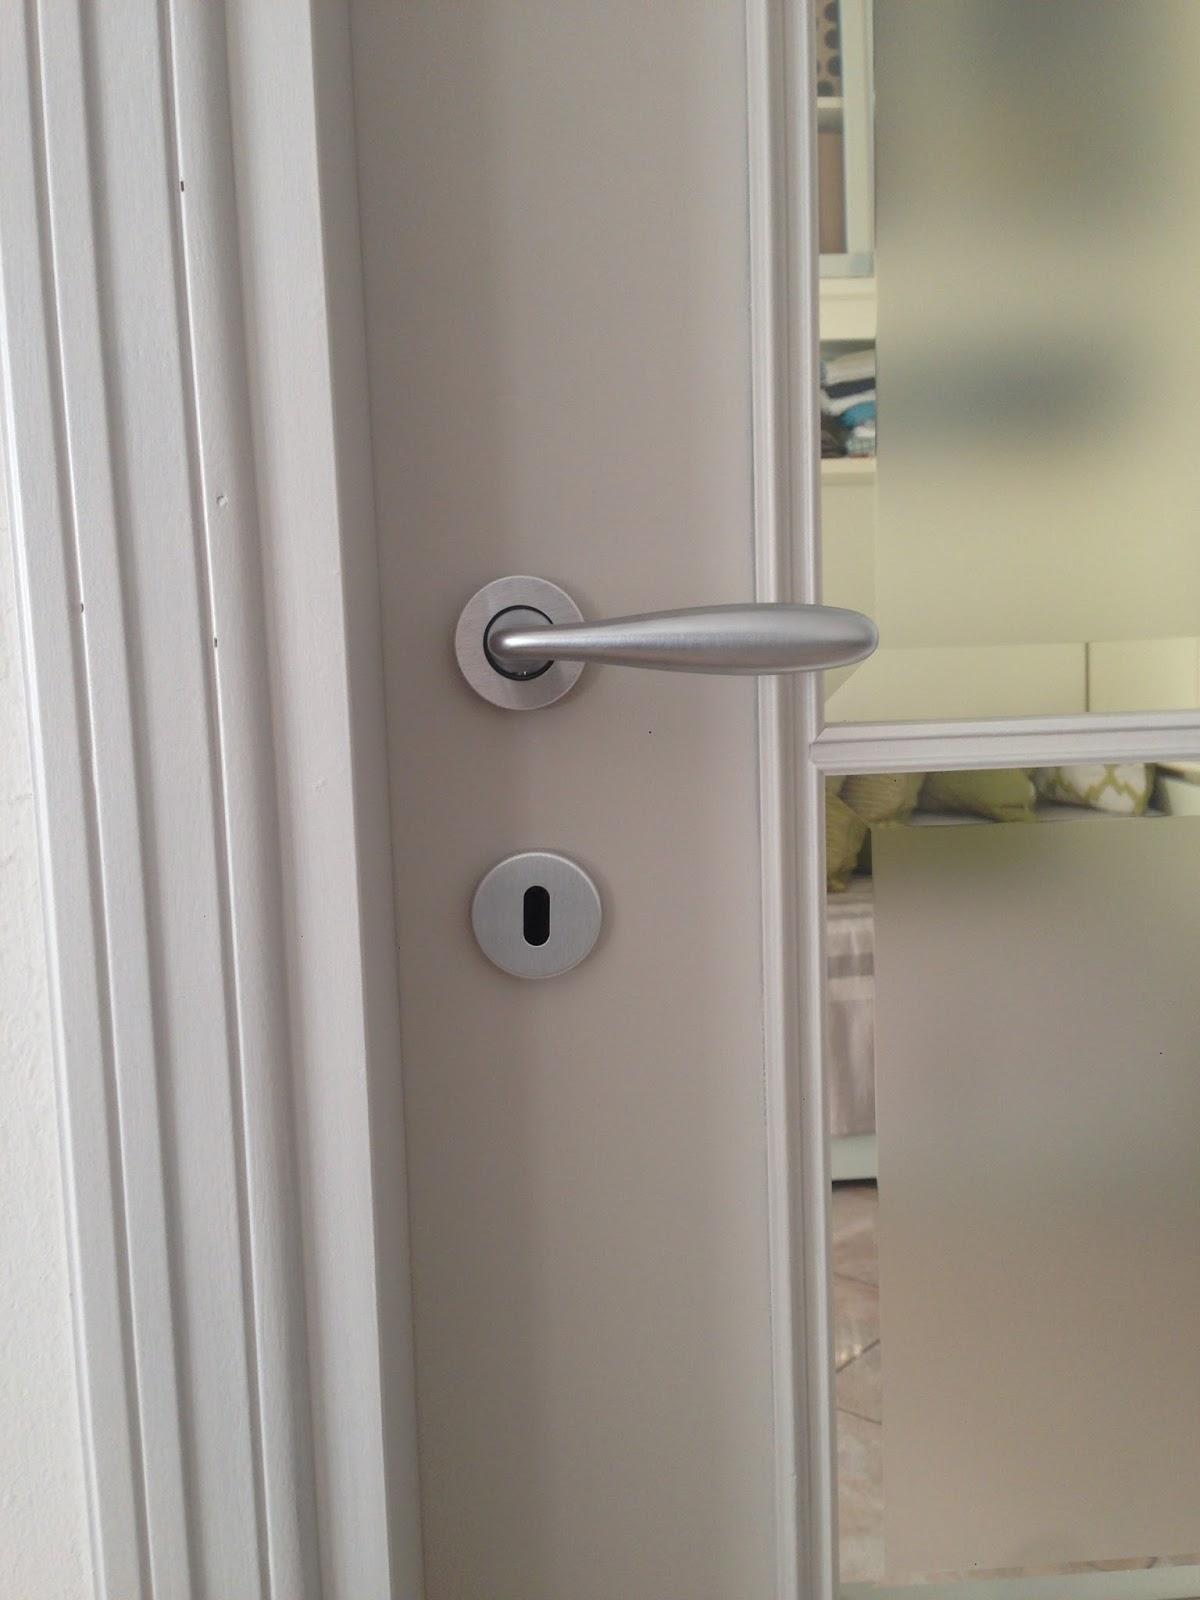 Cuscini cactus cambiare look alle porte di casa 2 - Cambiare maniglia porta ...